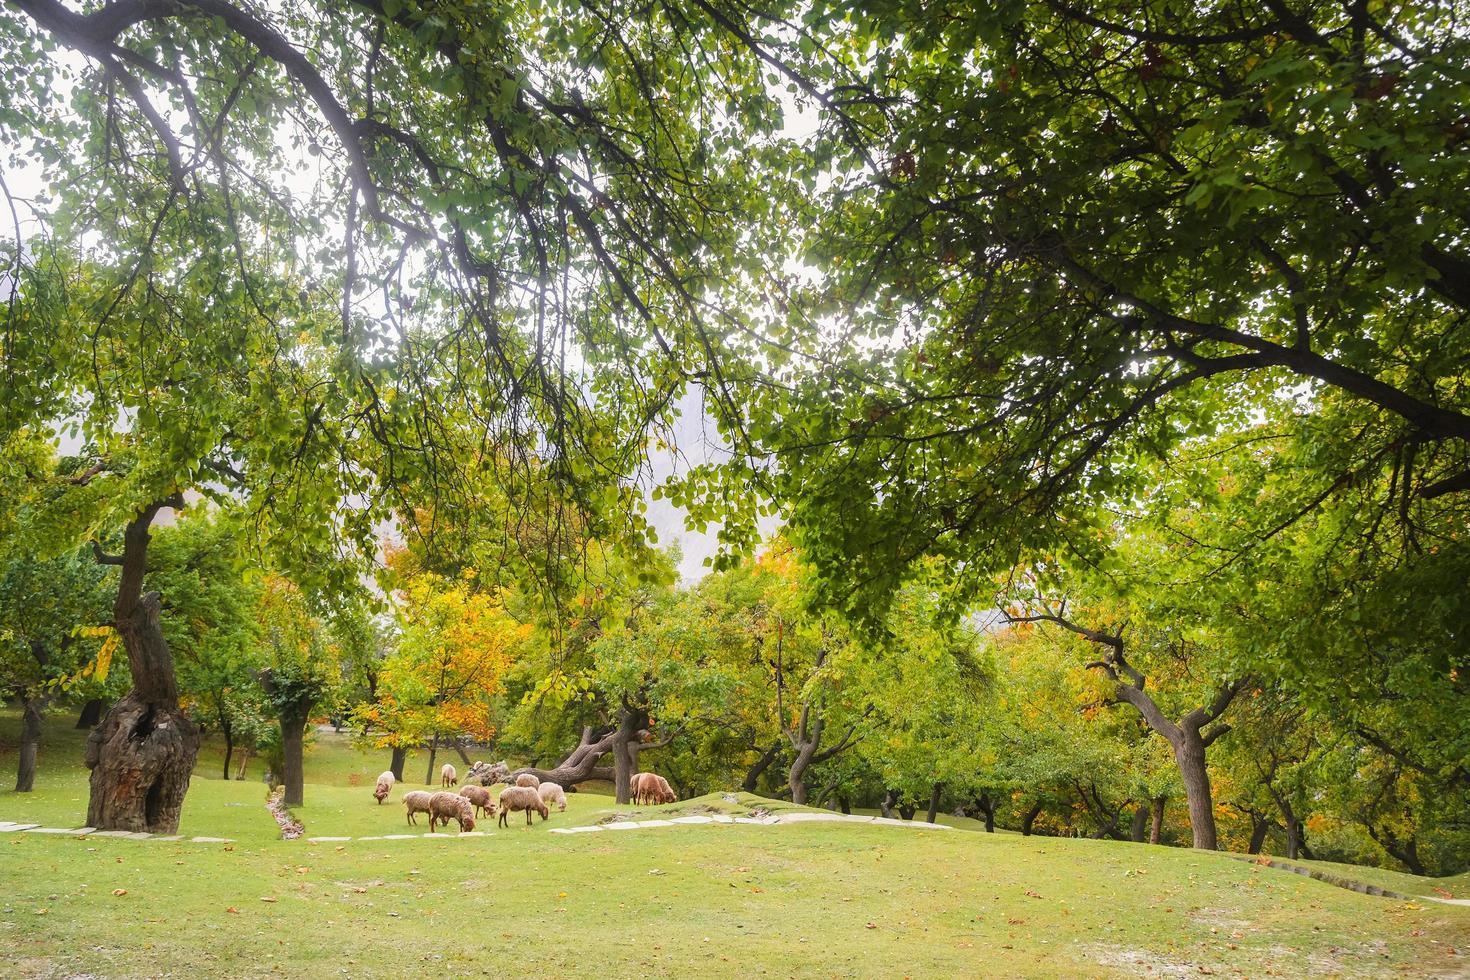 vista del paisaje natural del jardín del parque foto